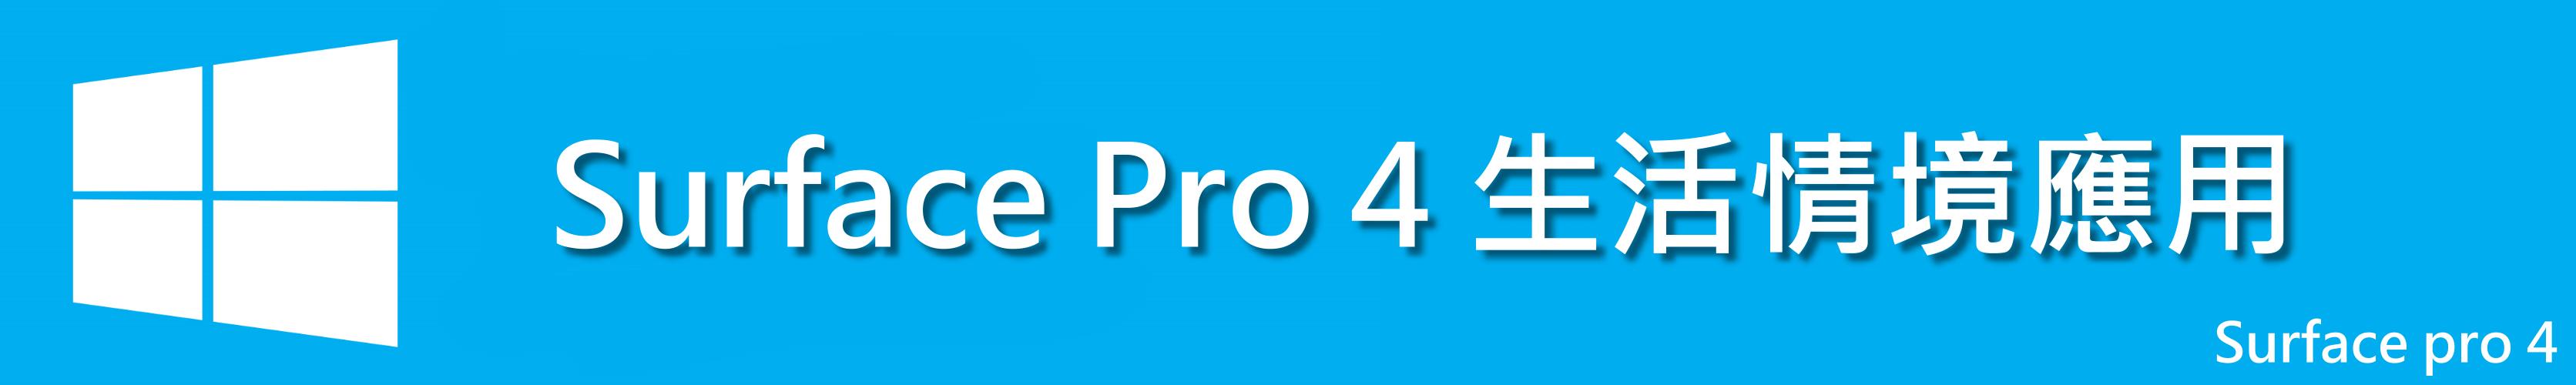 Surface Pro 4 生活情境應用